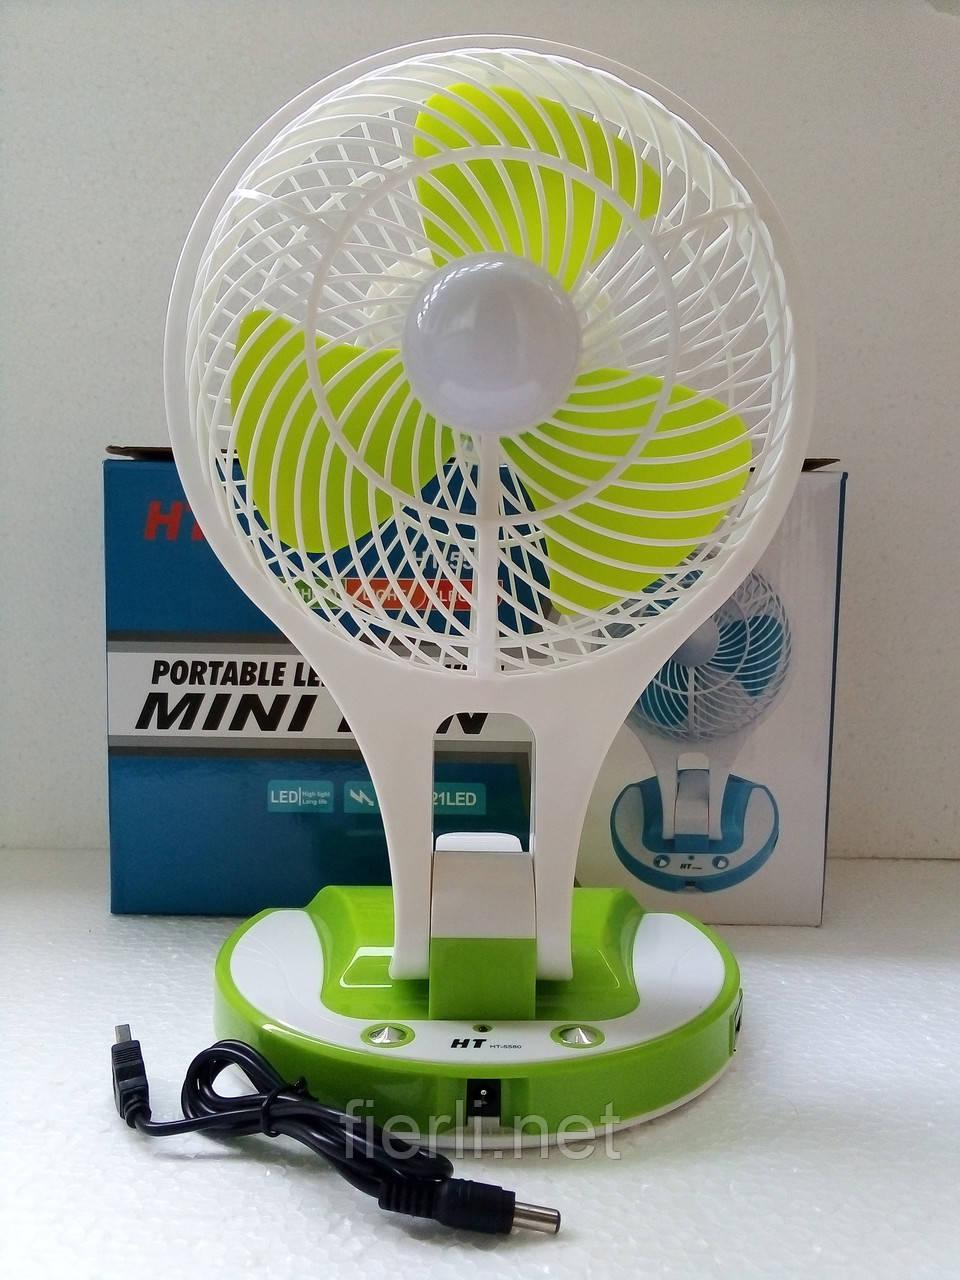 Аккумуляторный  настольный вентилятор  USB mini fan  HT-5580 со светодиодной подсветкой.